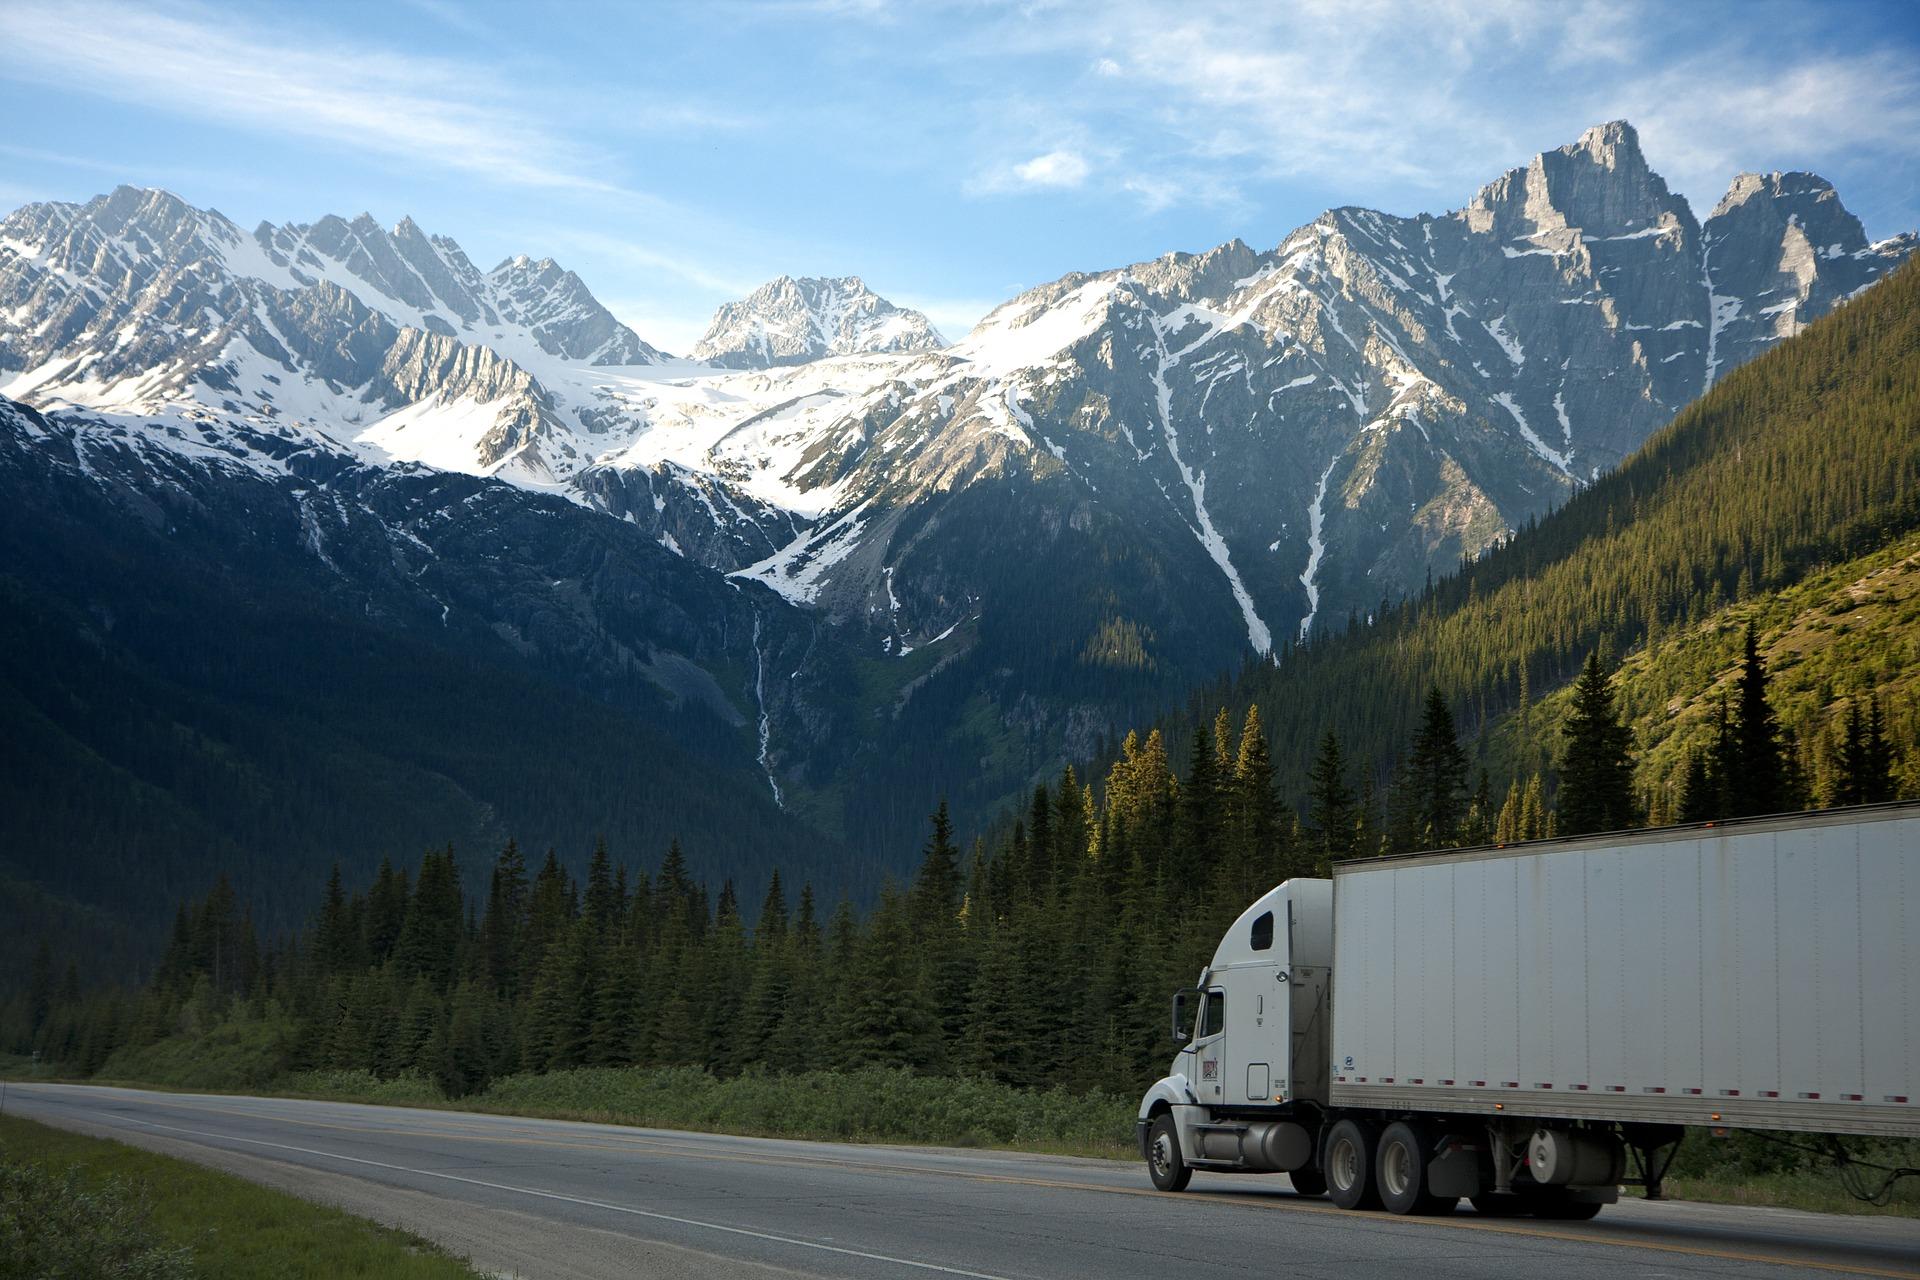 Camion a emissioni zero: nuovi obiettivi vincolanti per le infrastrutture